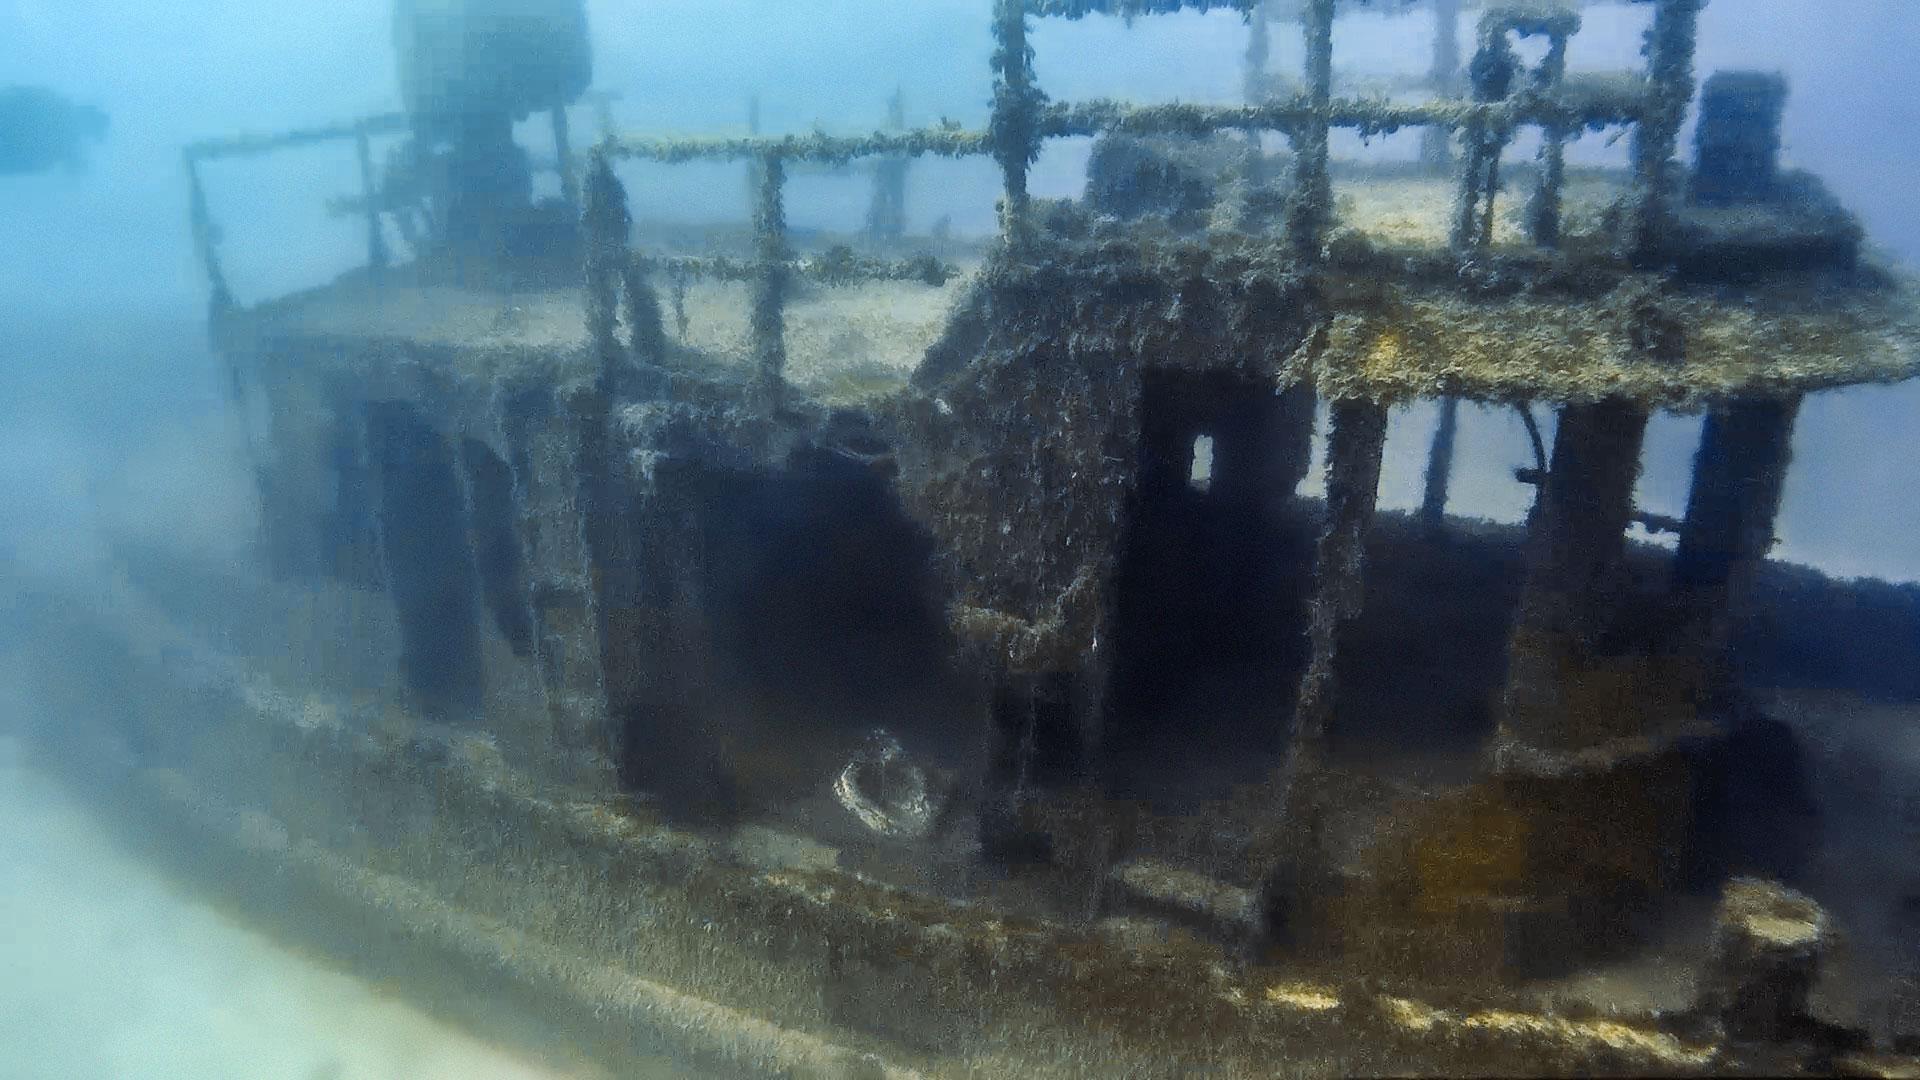 St. Michael tug wreck in Marsaskala